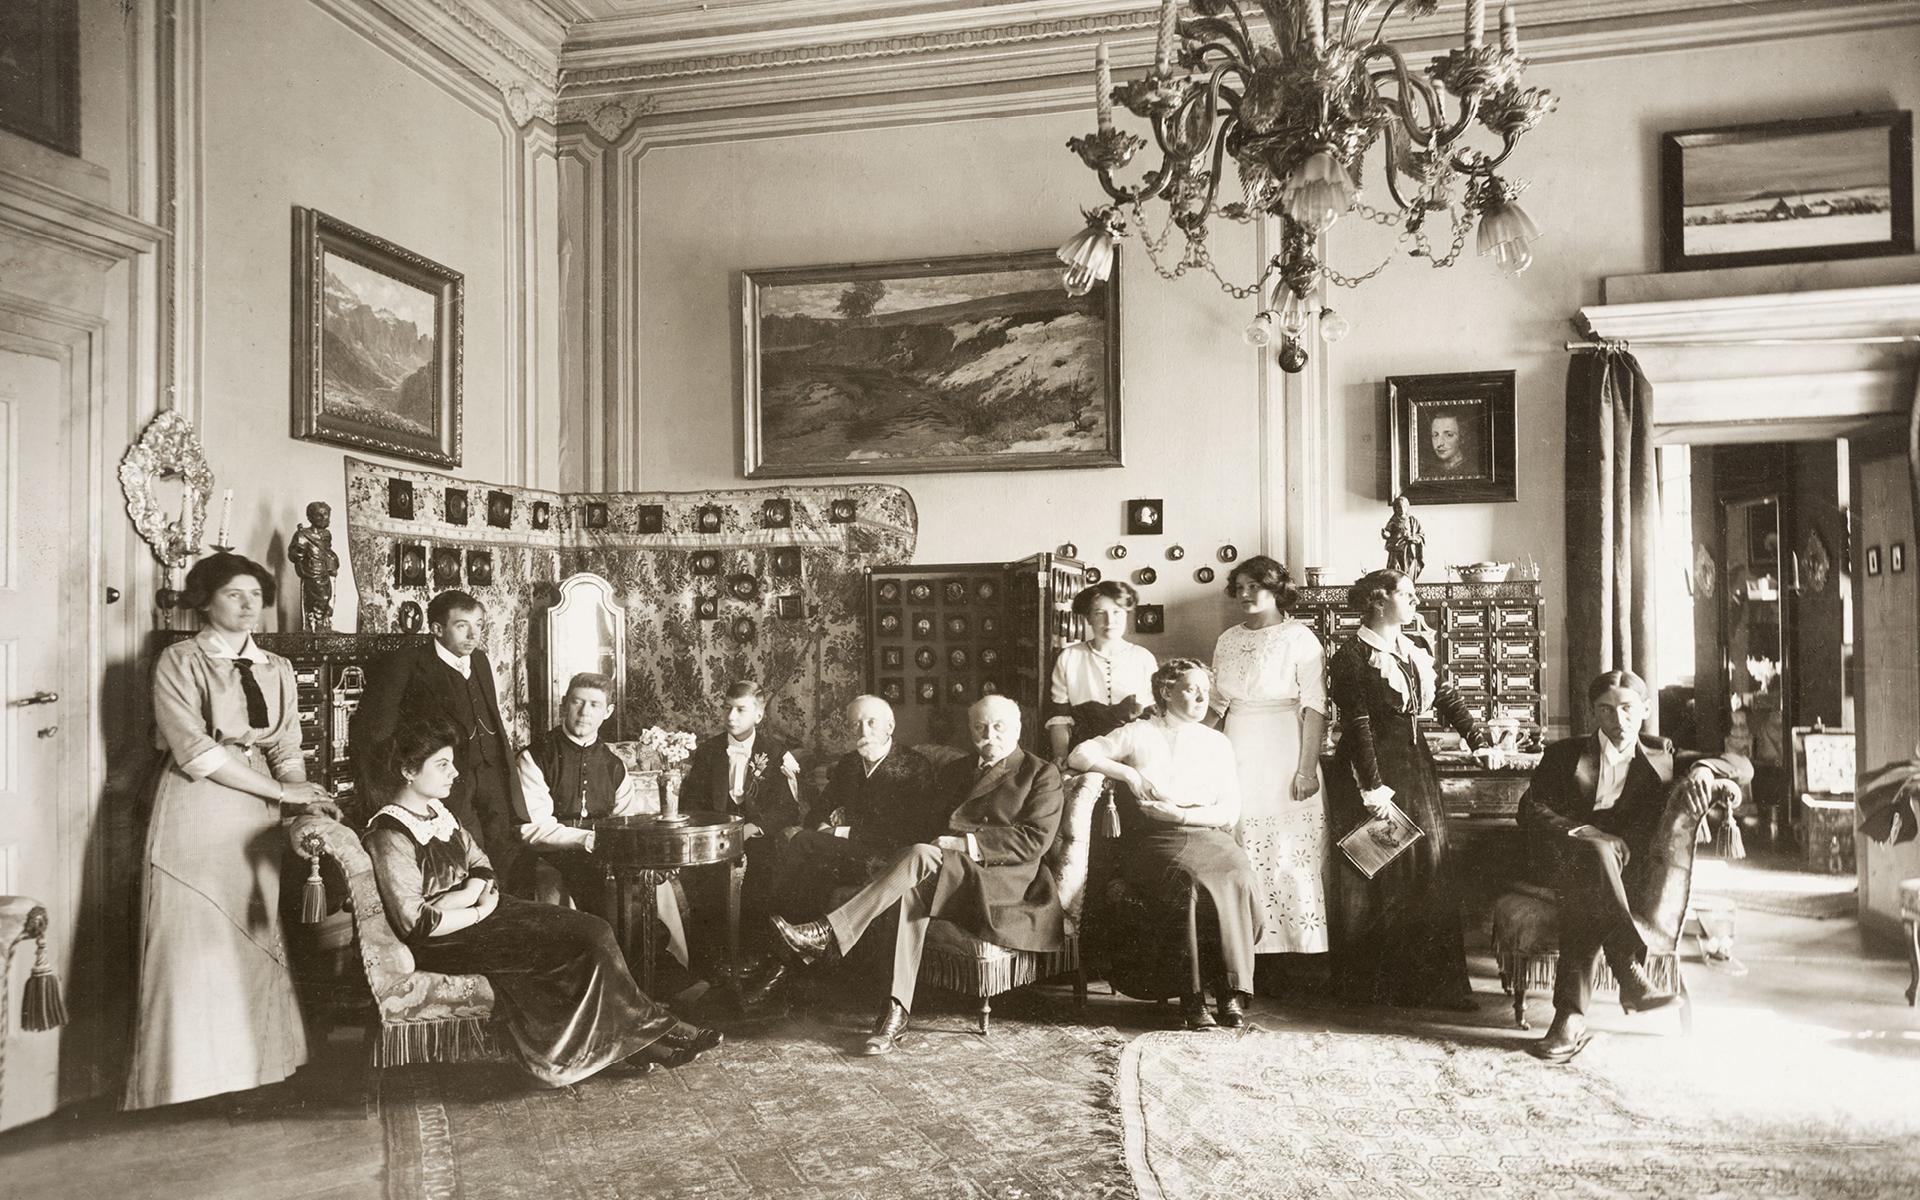 Nel salone di Castel Rametz, circondati dalla collezione di rappresentanza (1912)